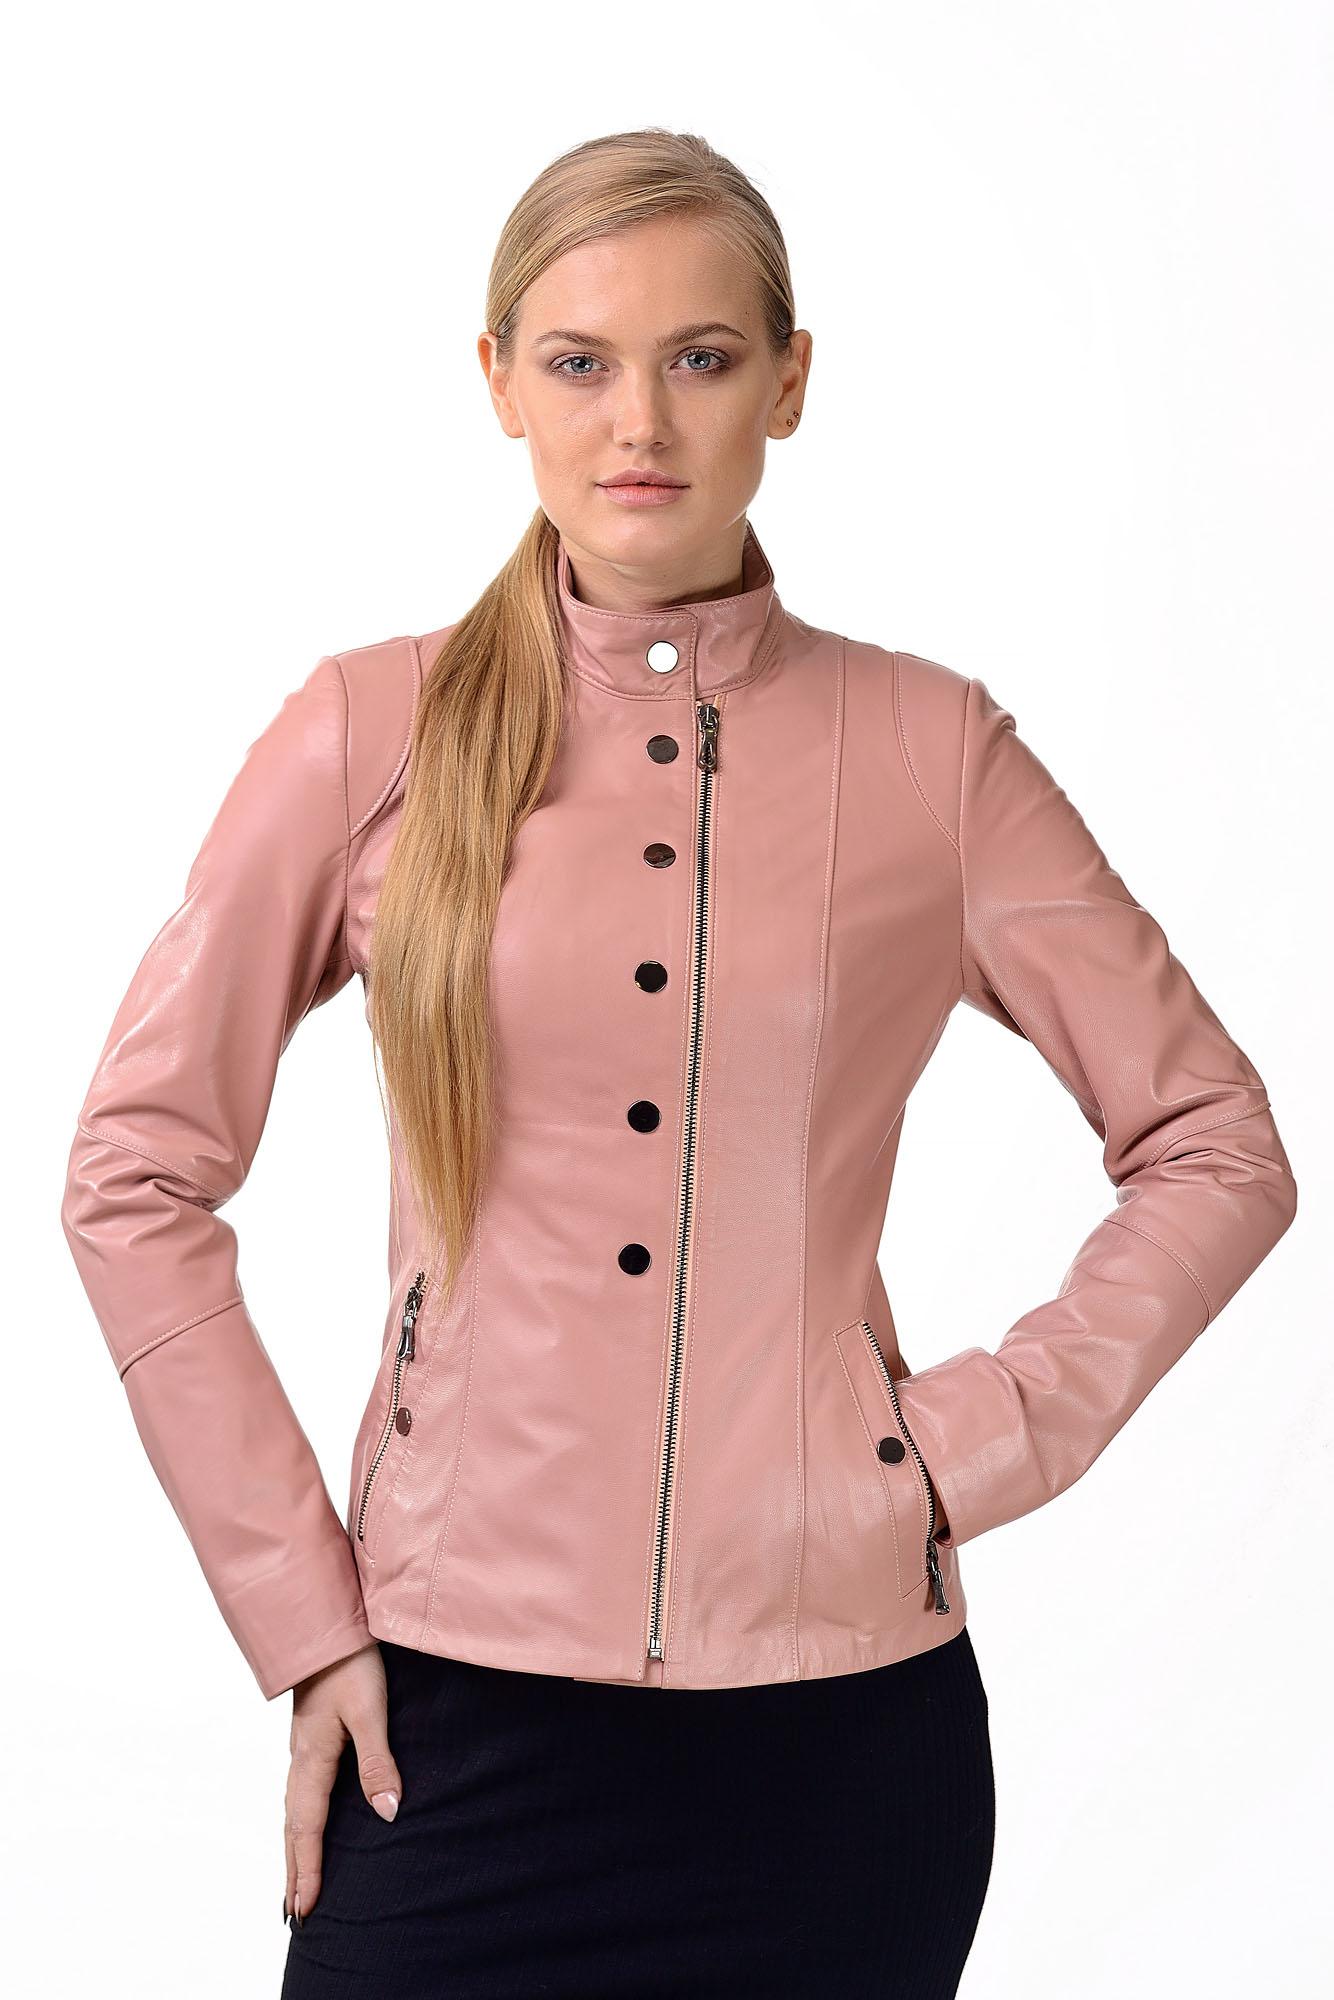 Женская кожаная курткаM=159